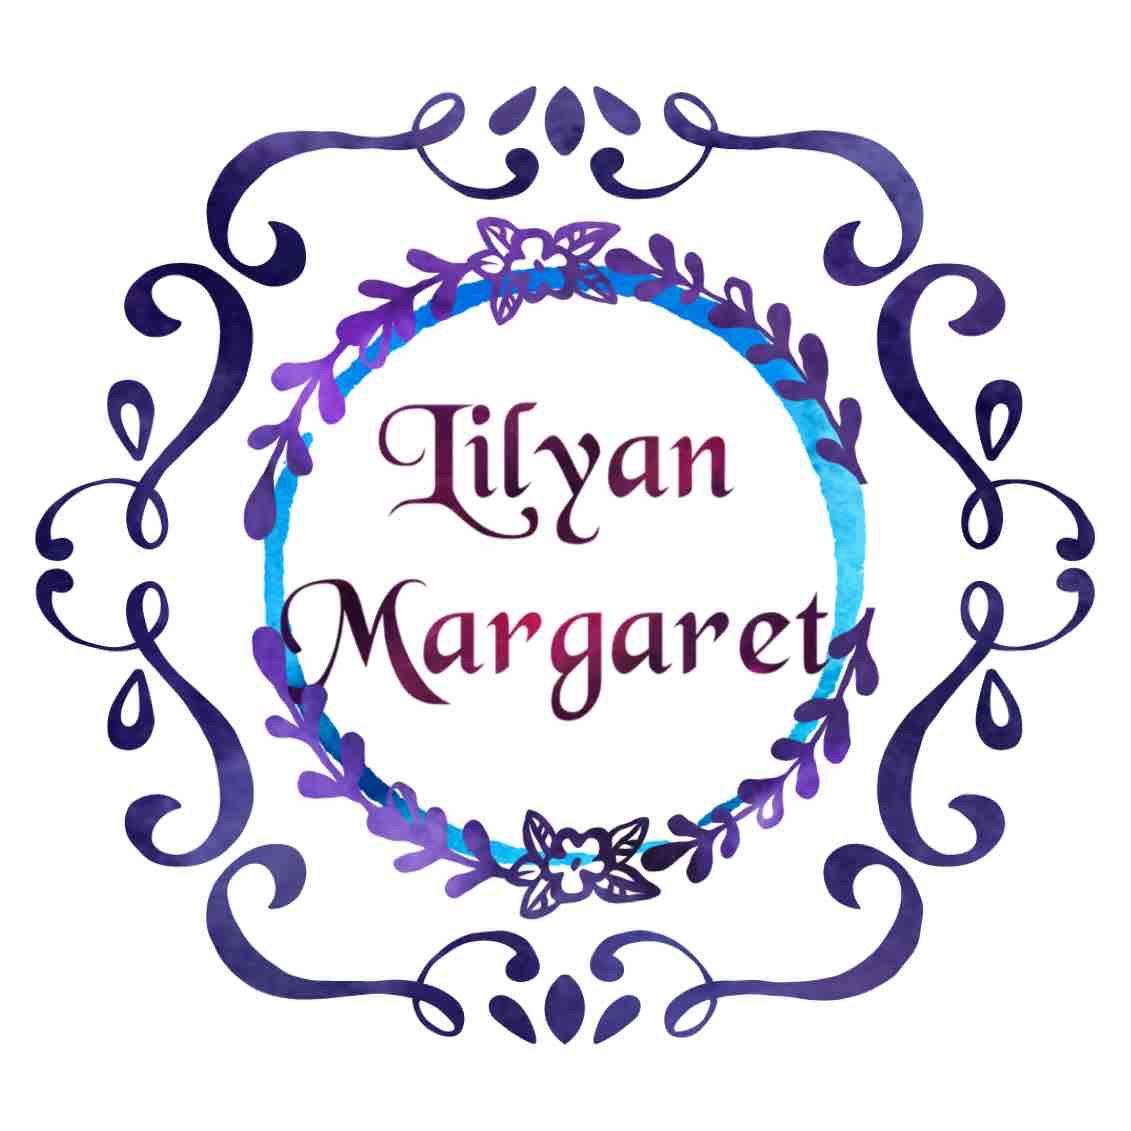 LilyanMargaretPublishing